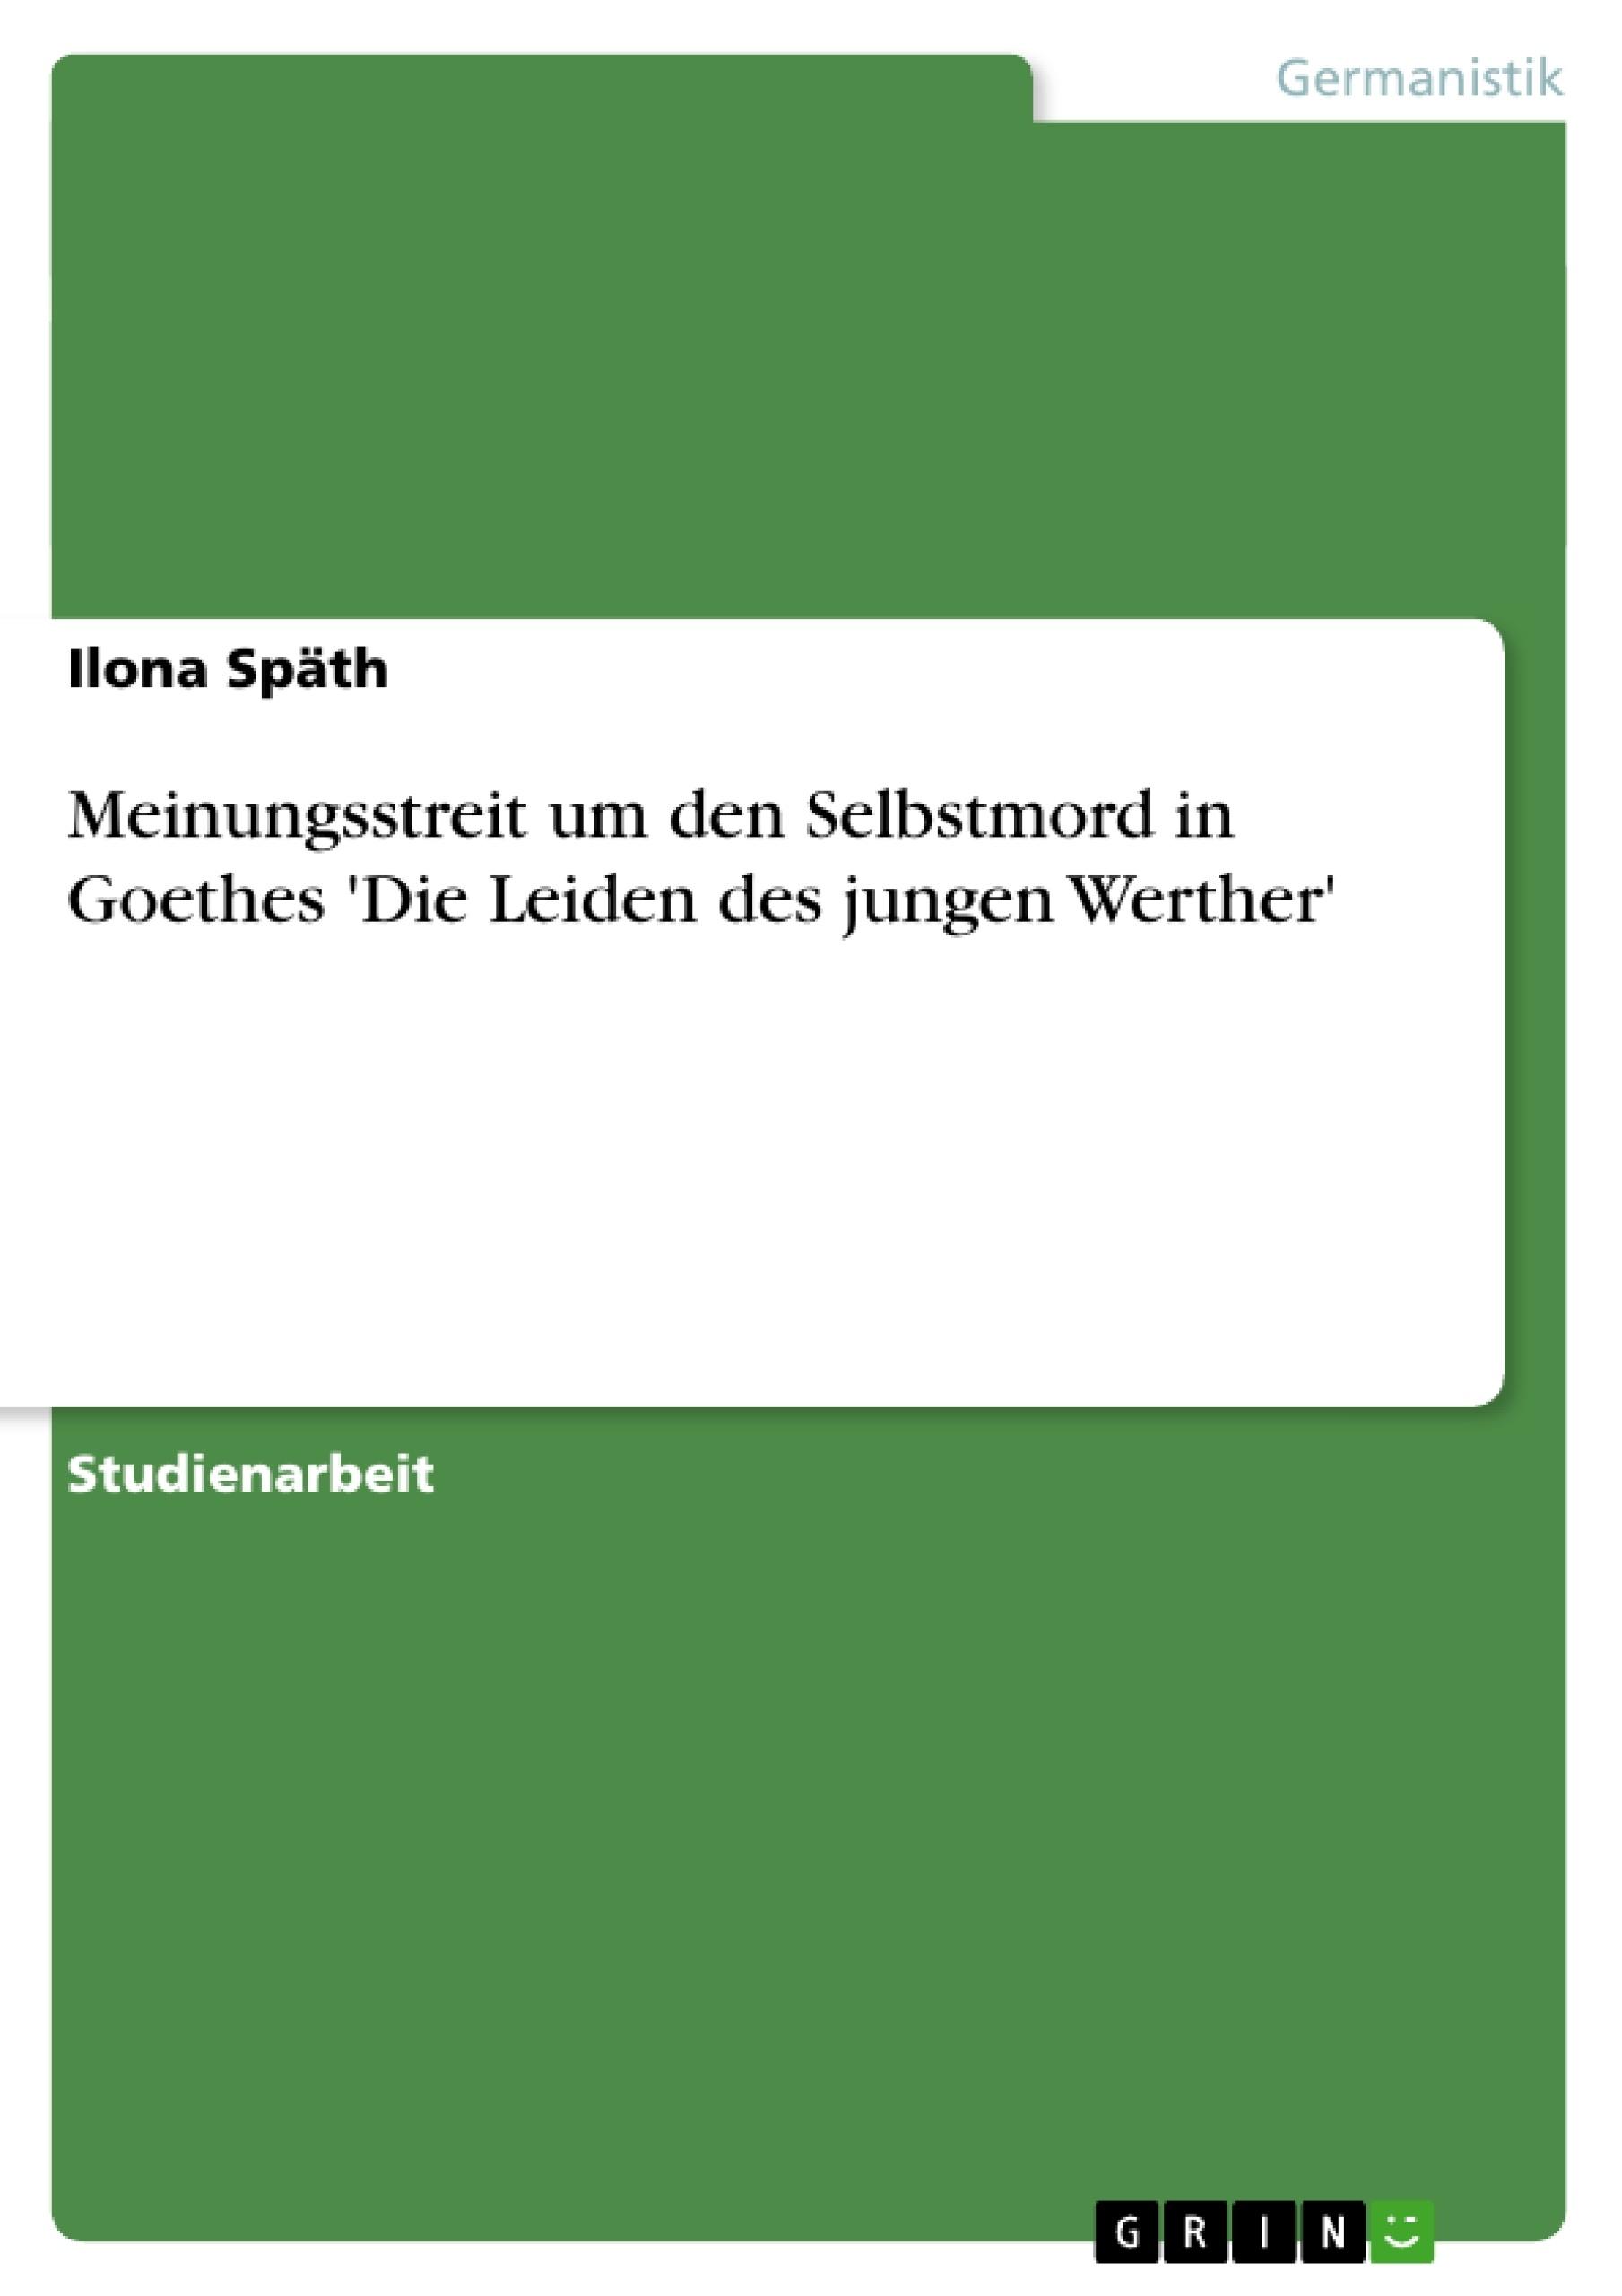 Titel: Meinungsstreit um den Selbstmord in Goethes 'Die Leiden des jungen Werther'